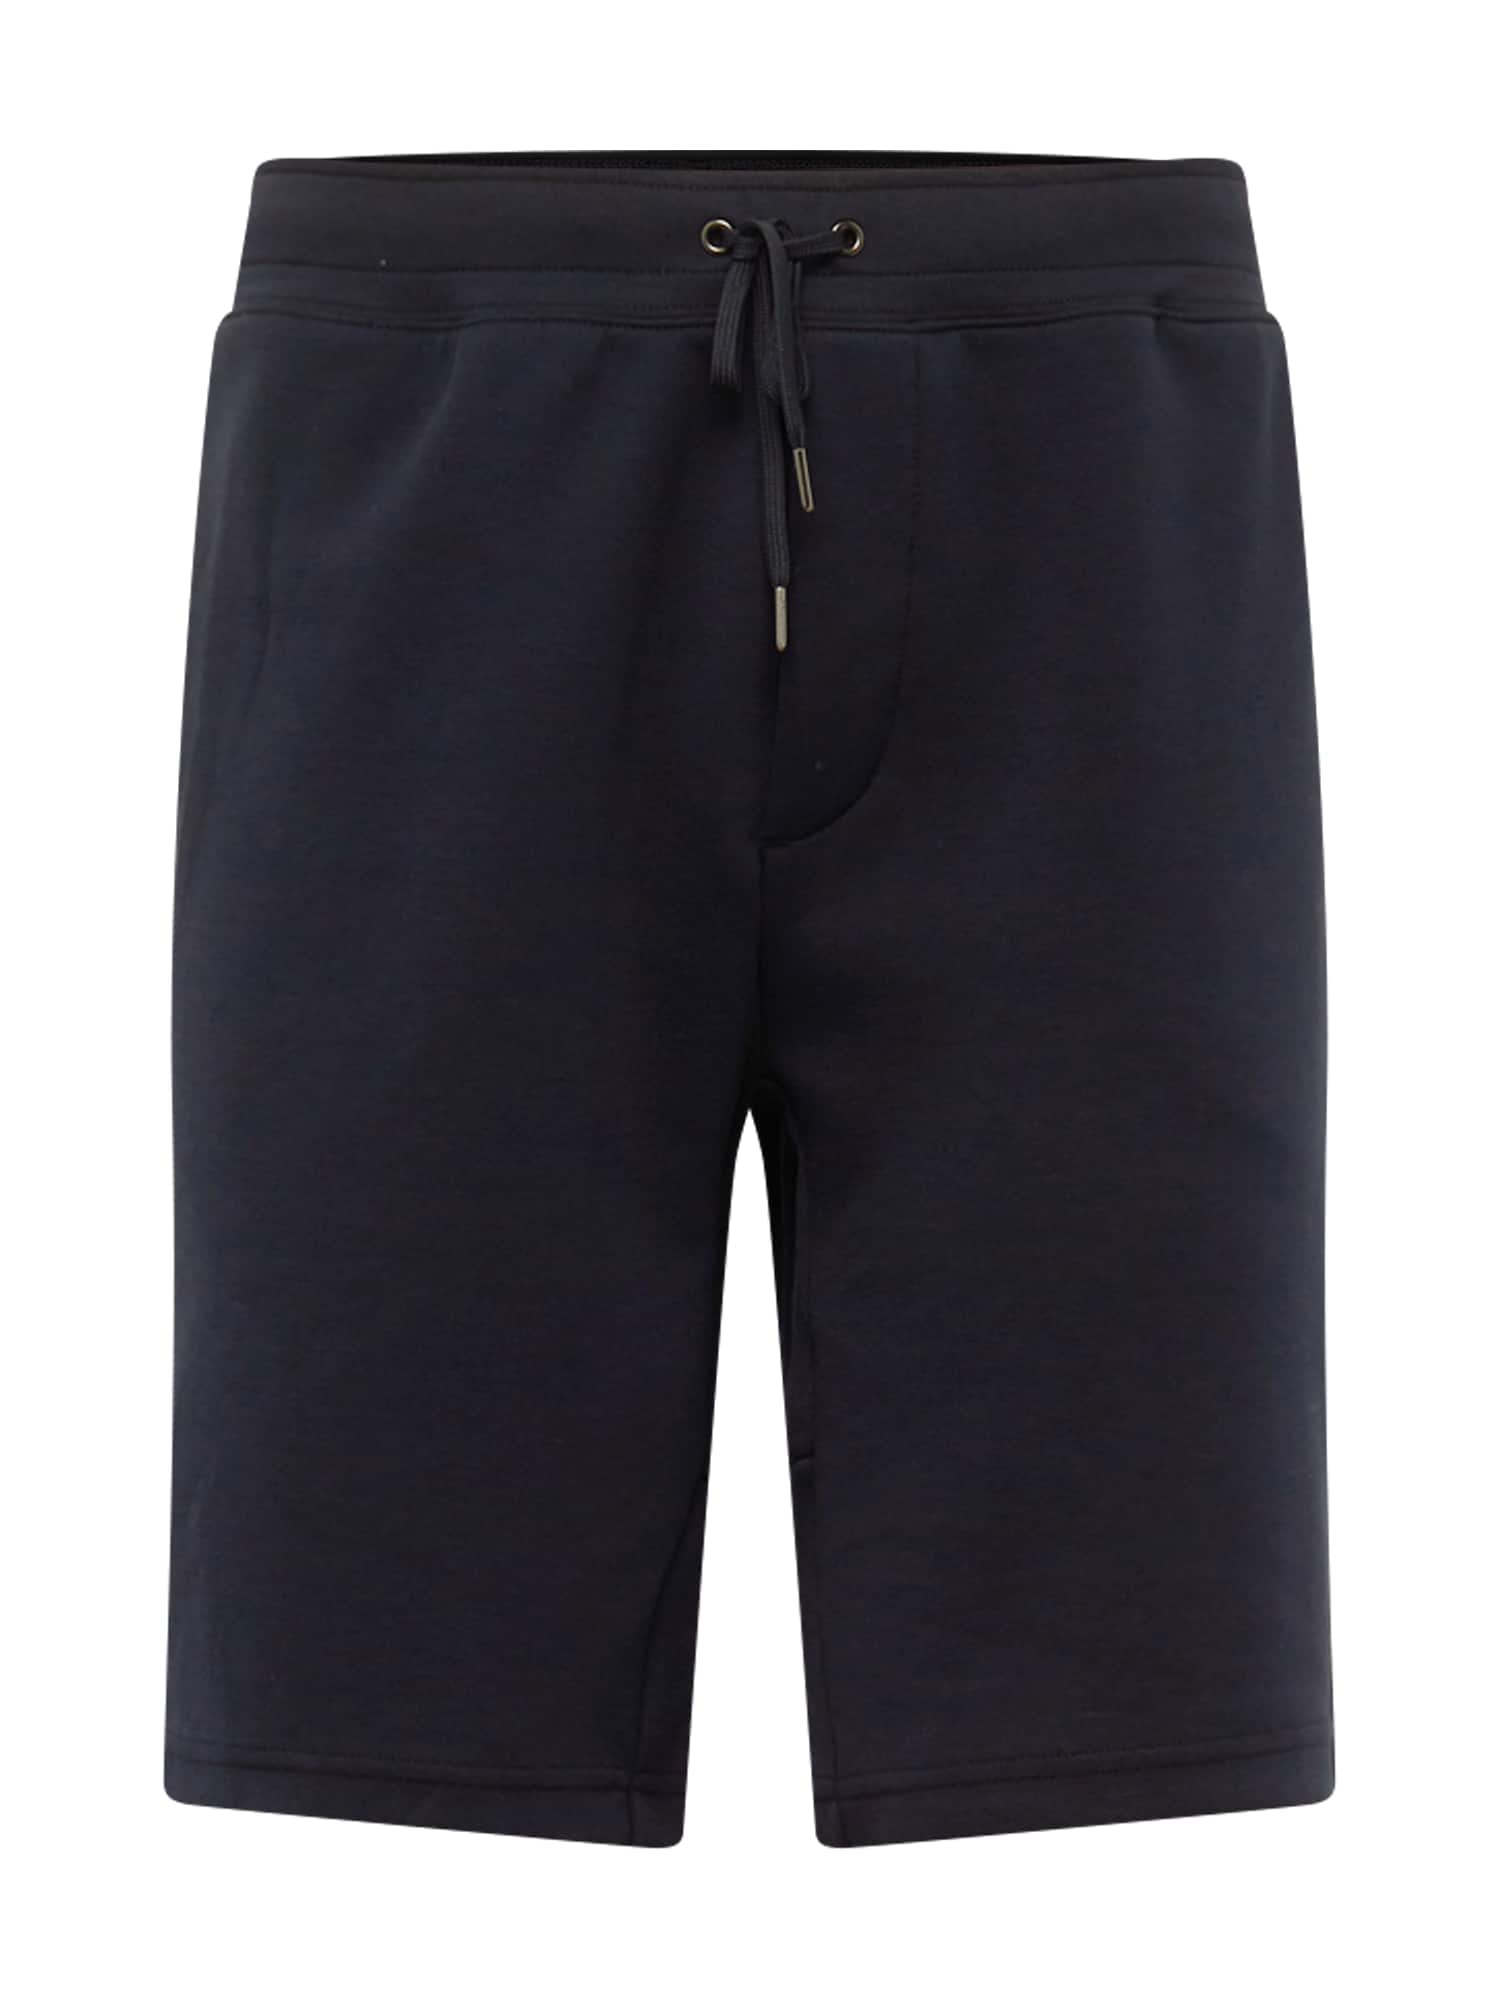 Kalhoty POSHORTM9-SHORT námořnická modř POLO RALPH LAUREN